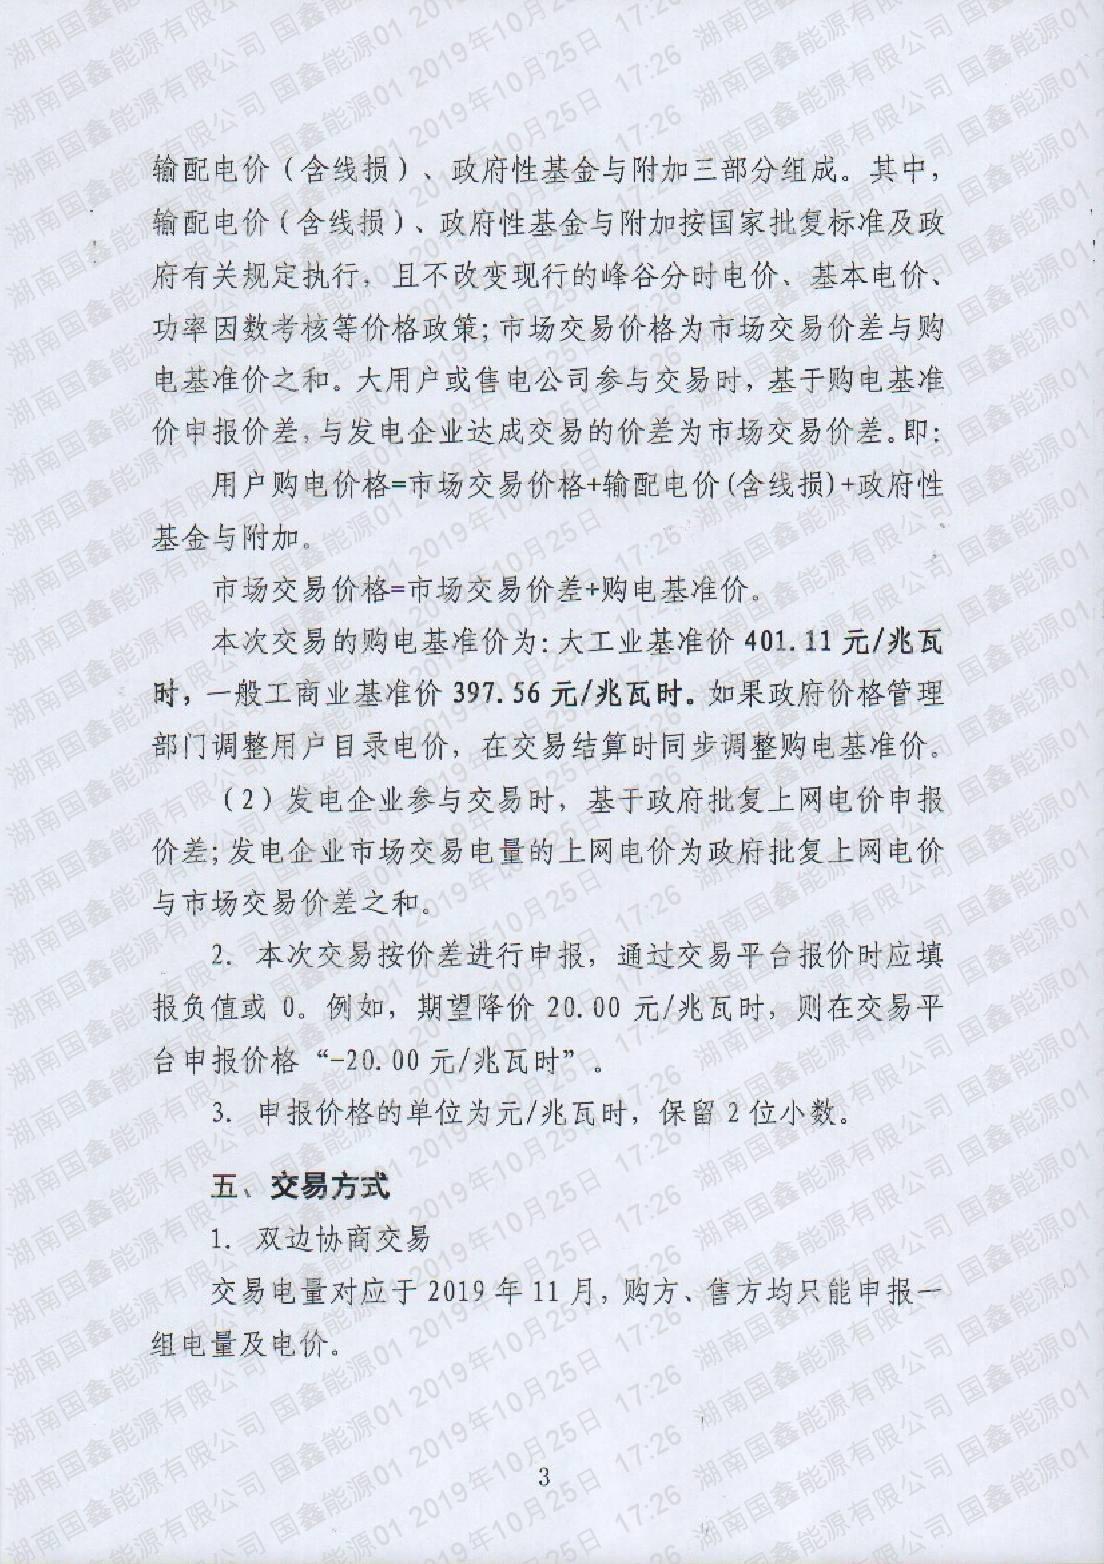 2019年第28号交易公告(11月月度交易).pdf_page_3_compressed.jpg